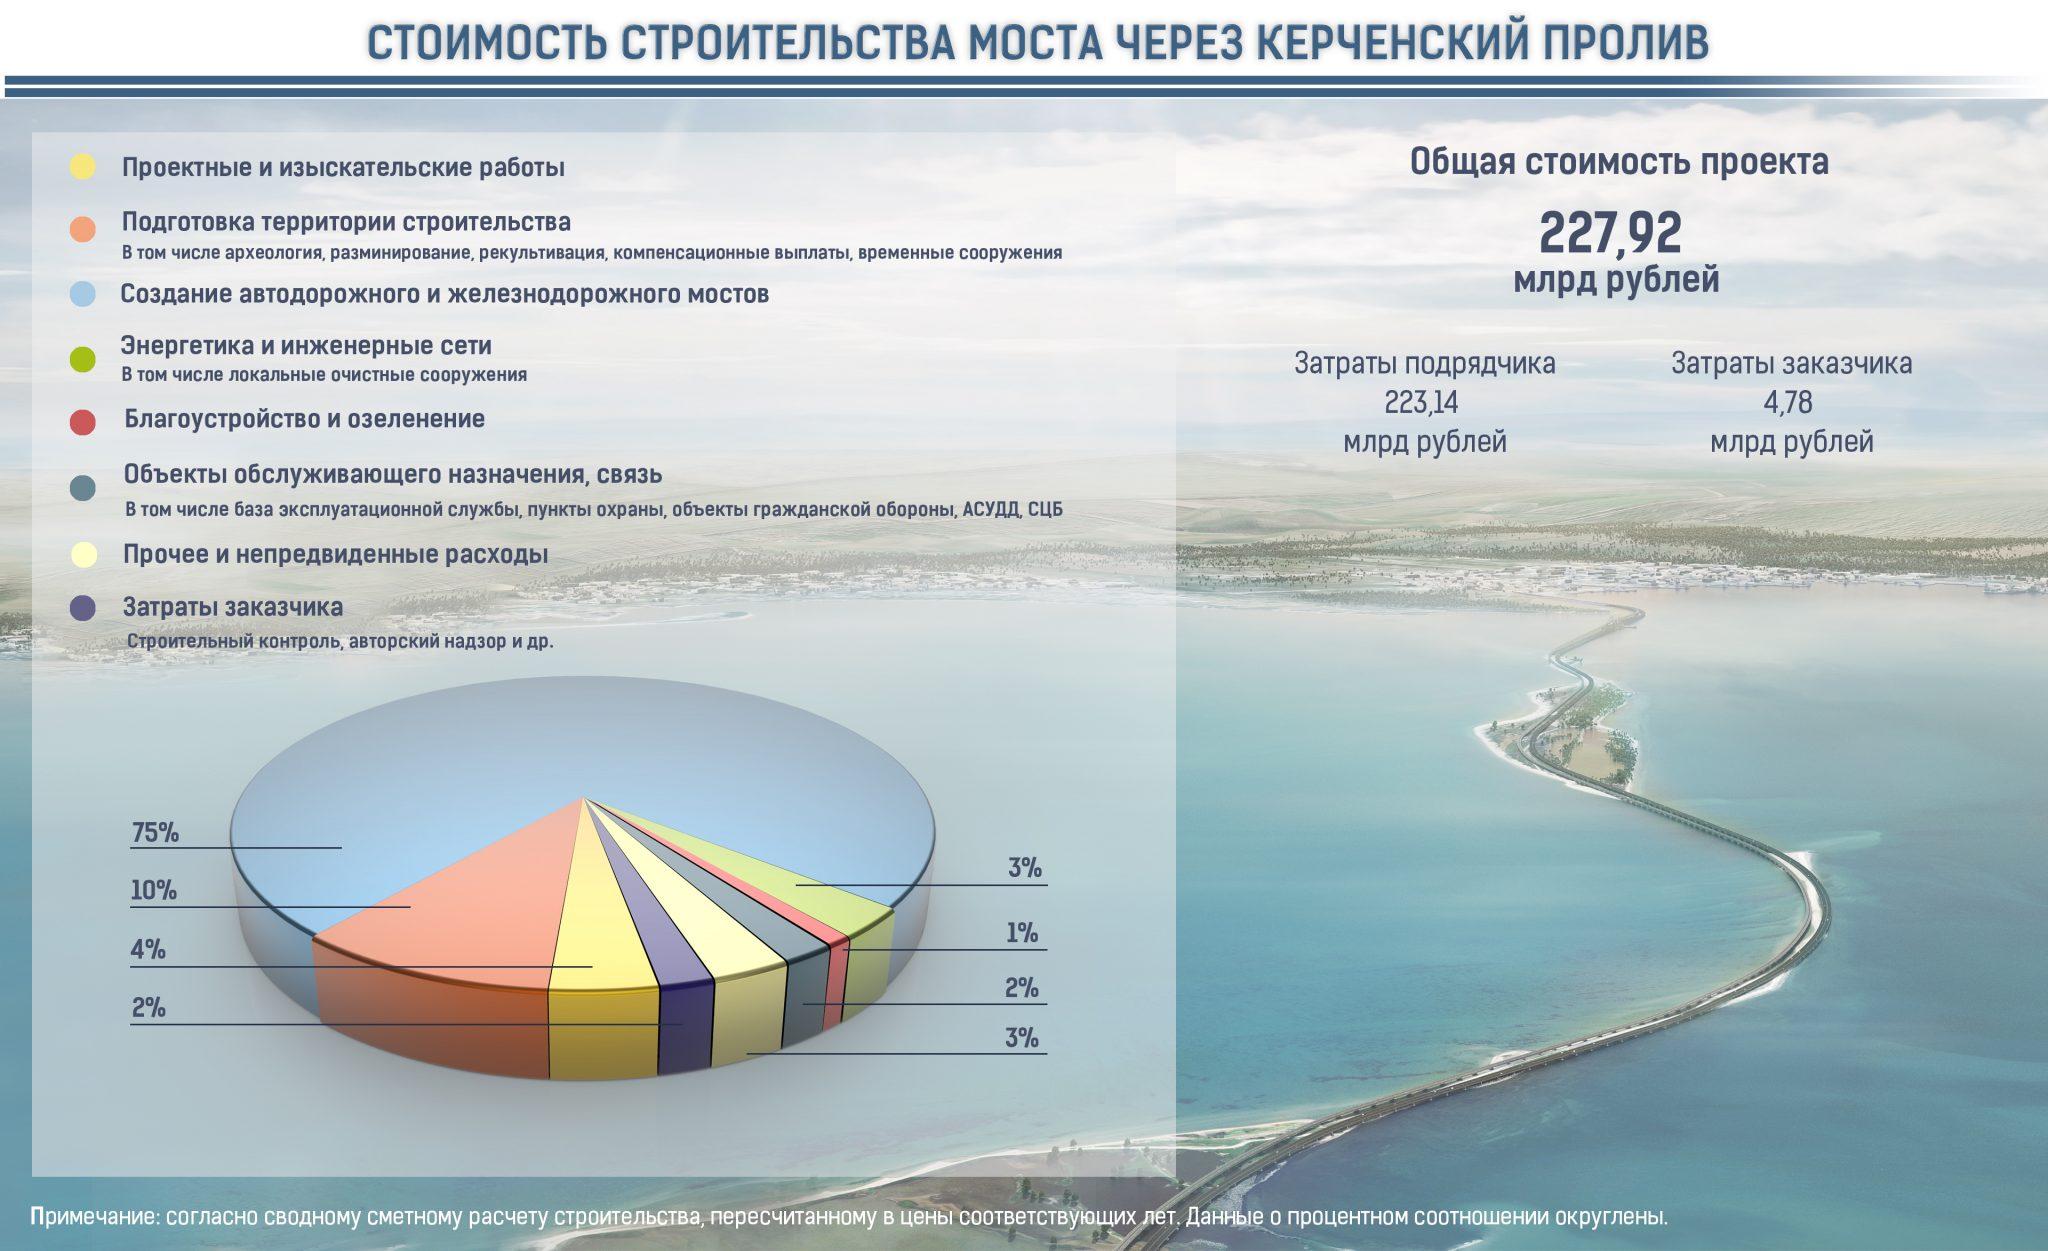 Крымский мост через Керченский пролив последние новости